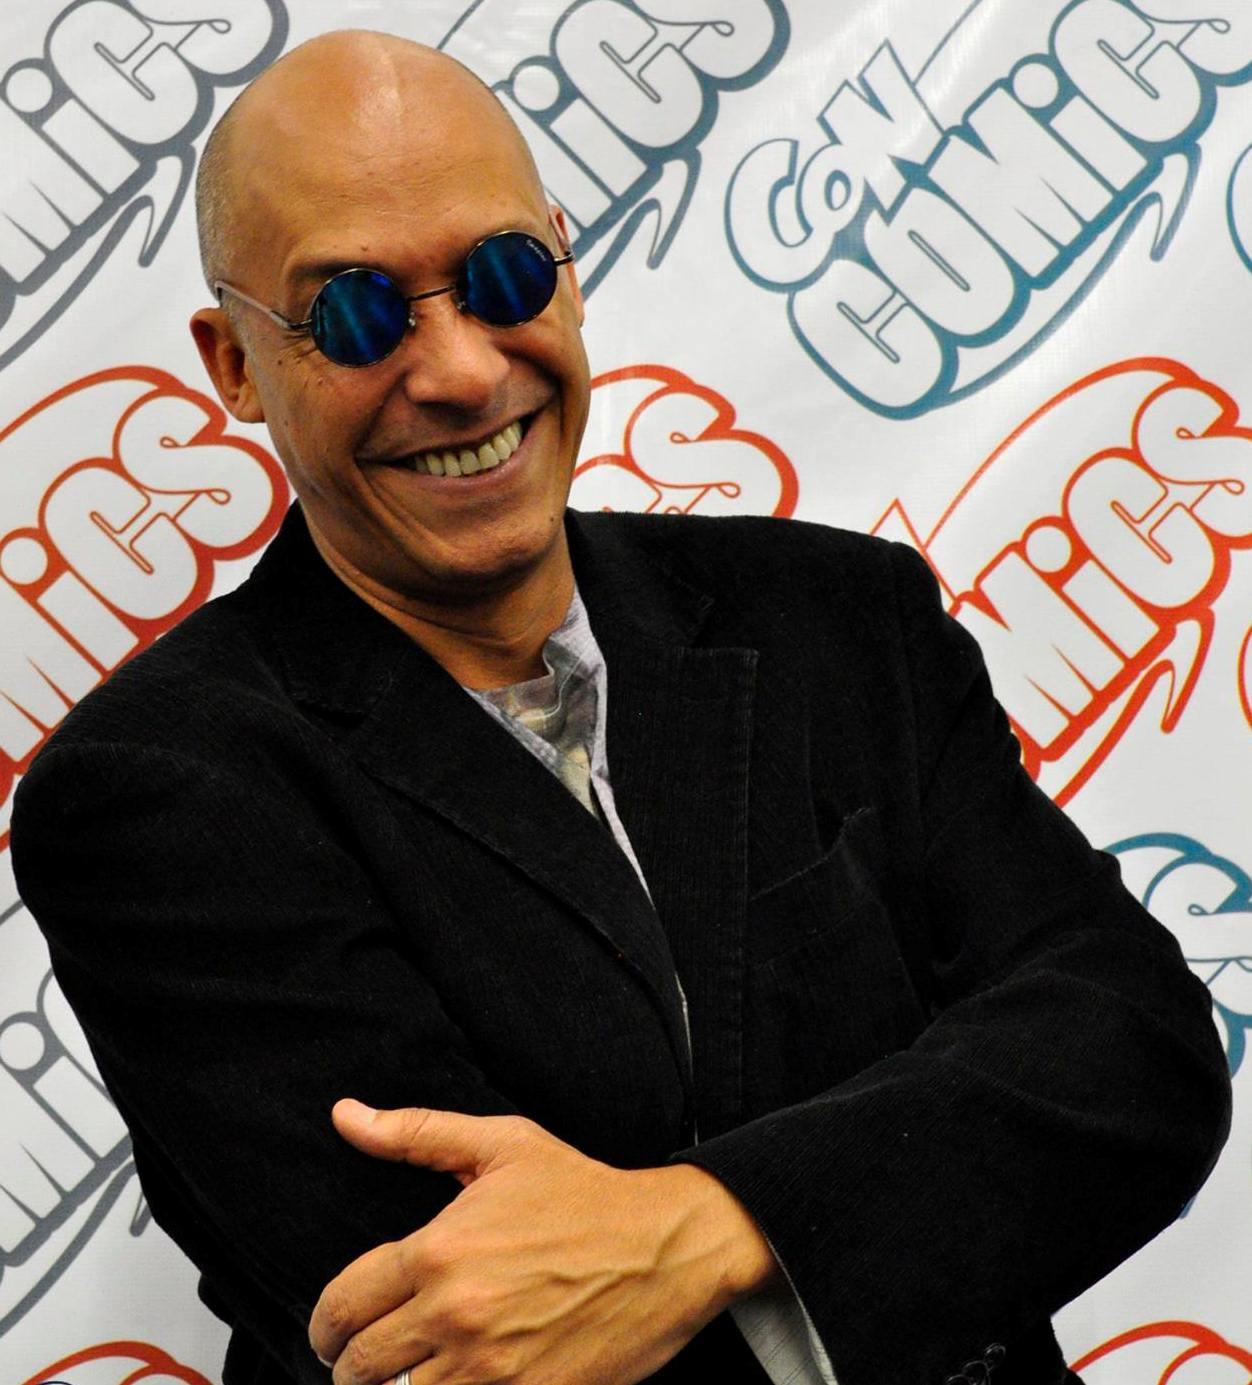 Rubén León (Venezuela)